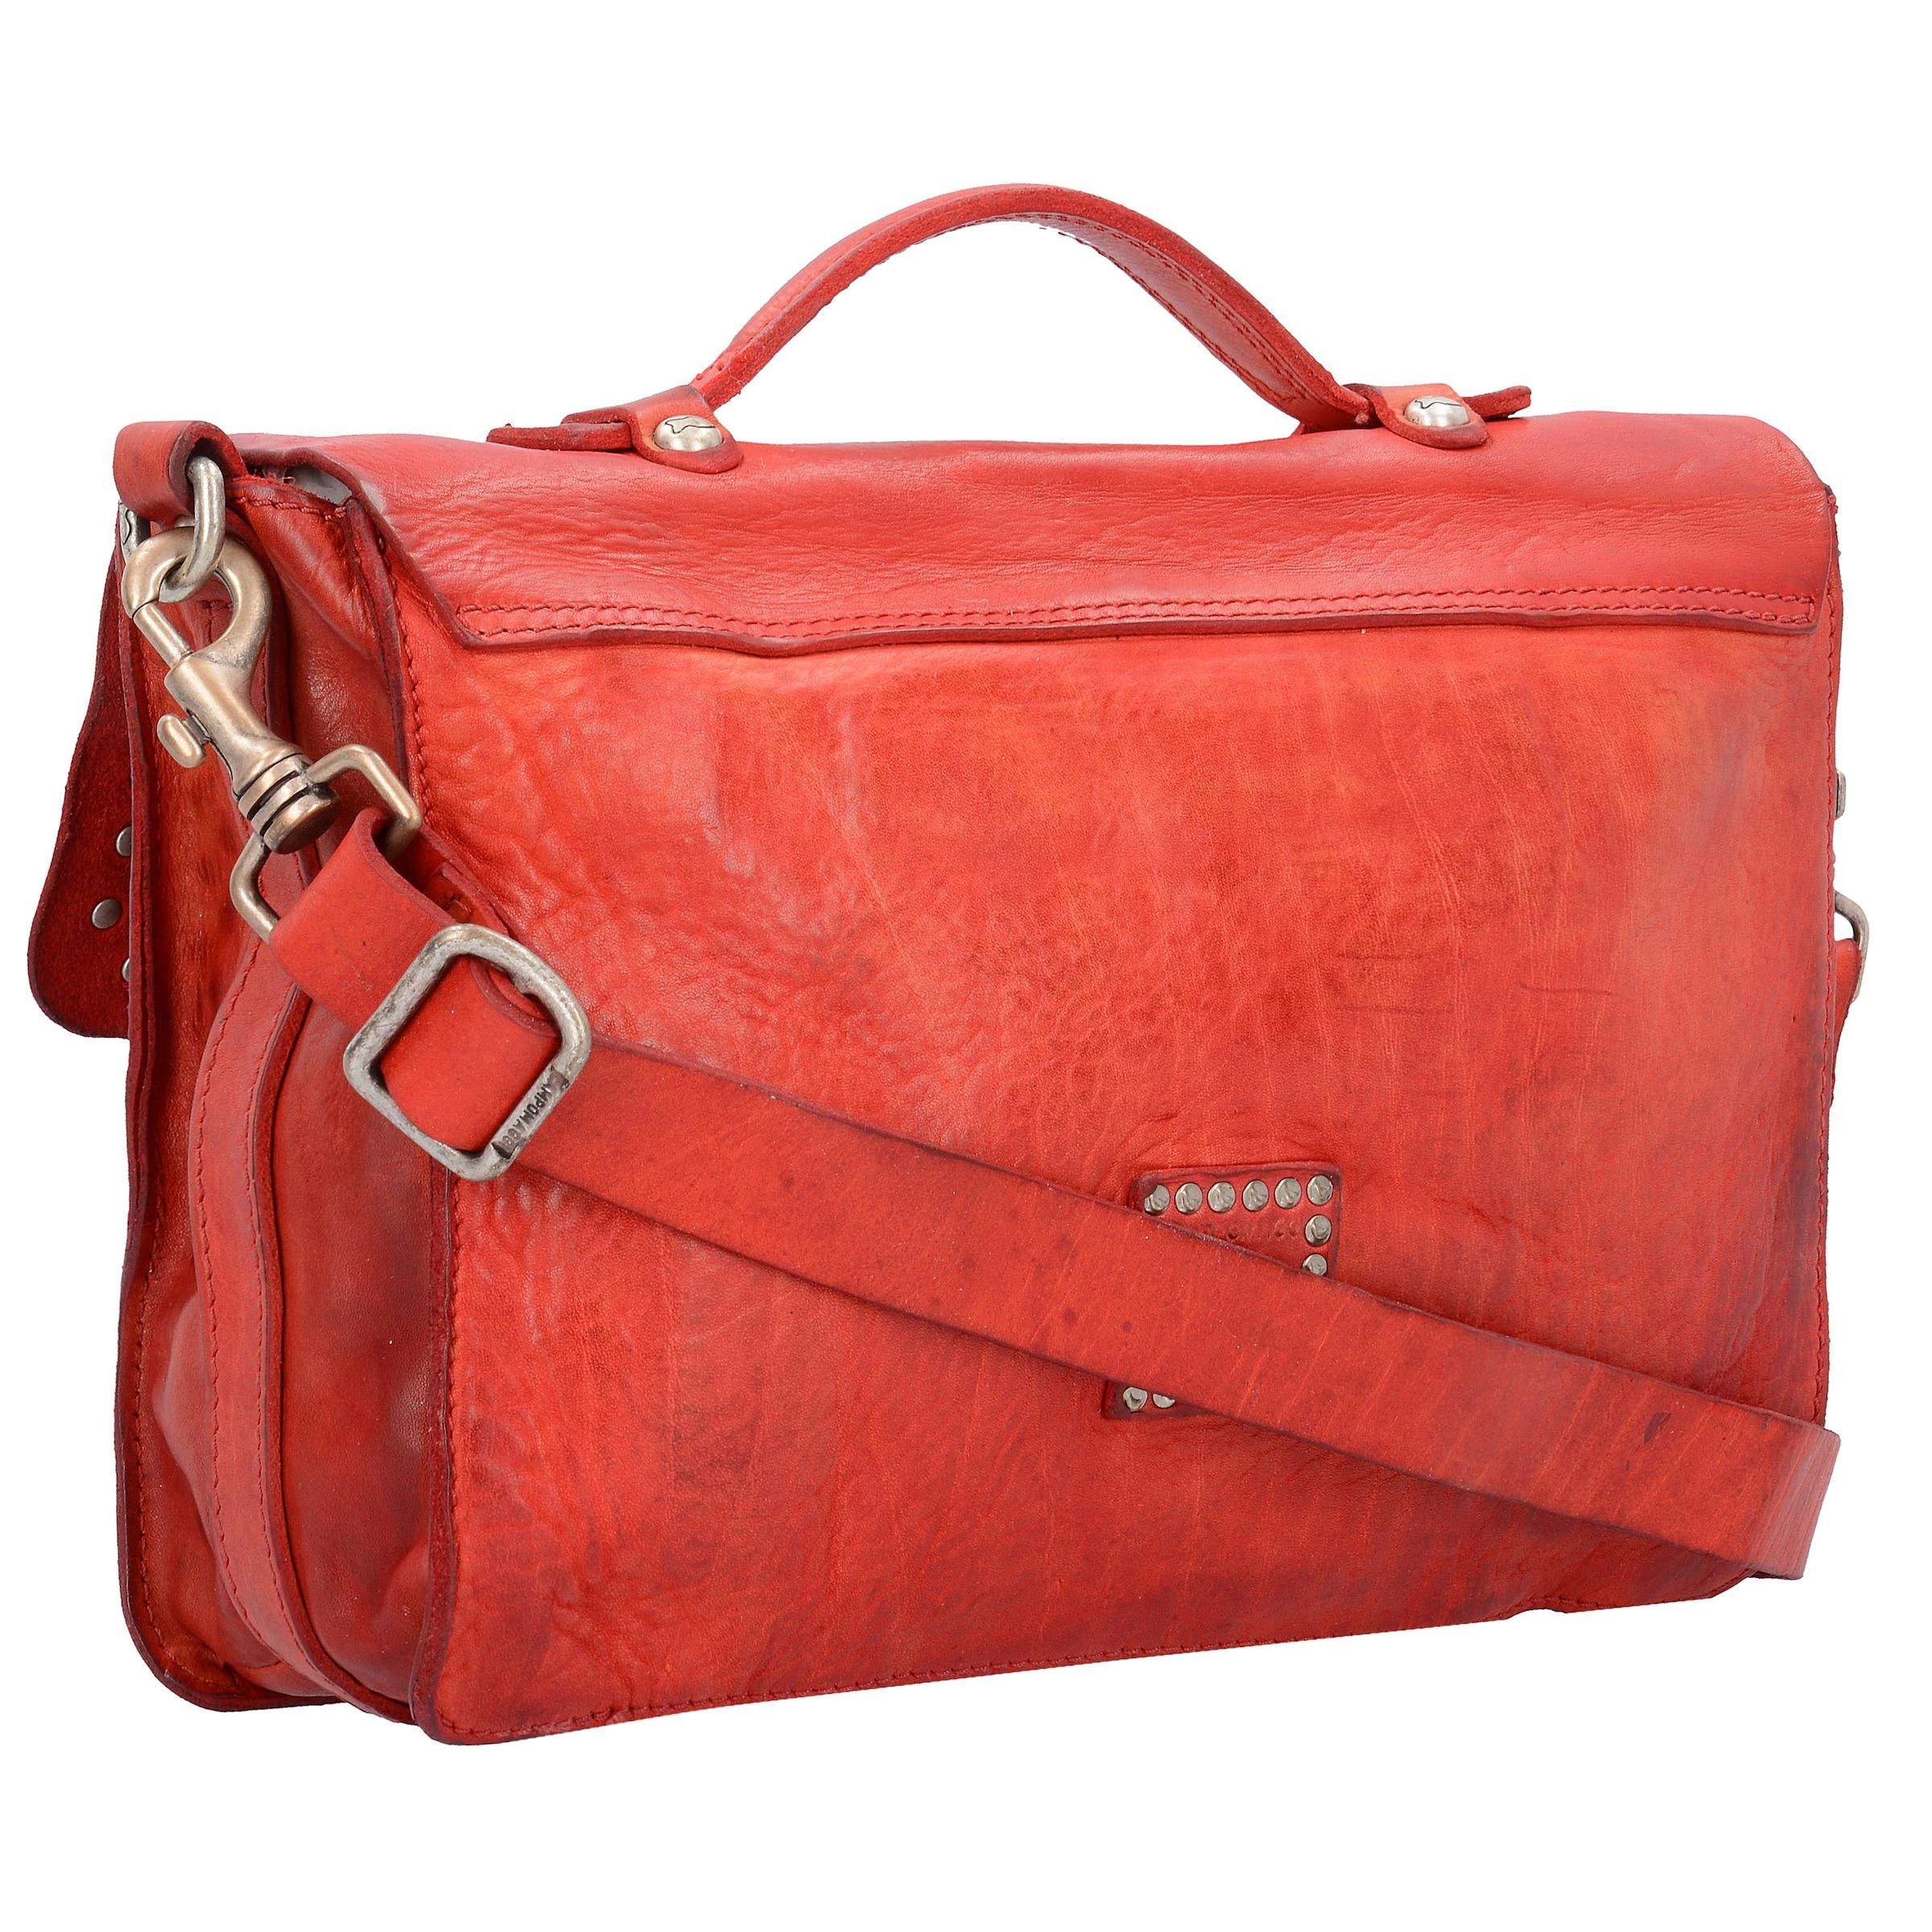 Campomaggi Traditional Lichene Messenger Umhängetasche Leder 30 cm Freies Verschiffen Begrenzte Ausgabe hb2Kf